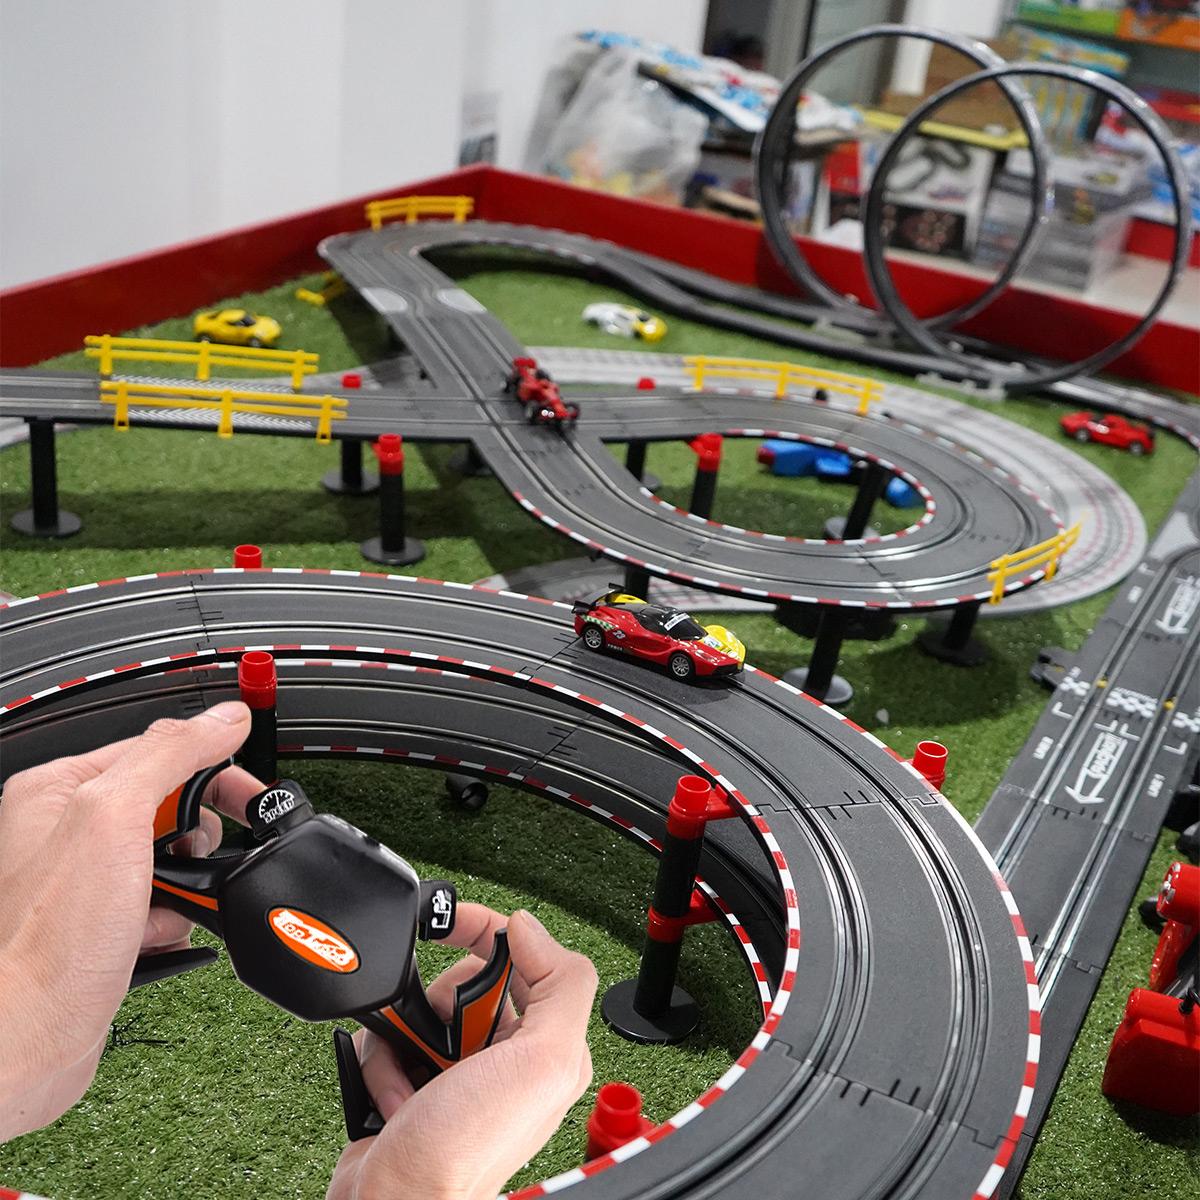 Jouets Pour Enfants Garçon Rail Voiture 3-6 Ans 4 Garçons 5 pour Jouet Garçon 10 Ans